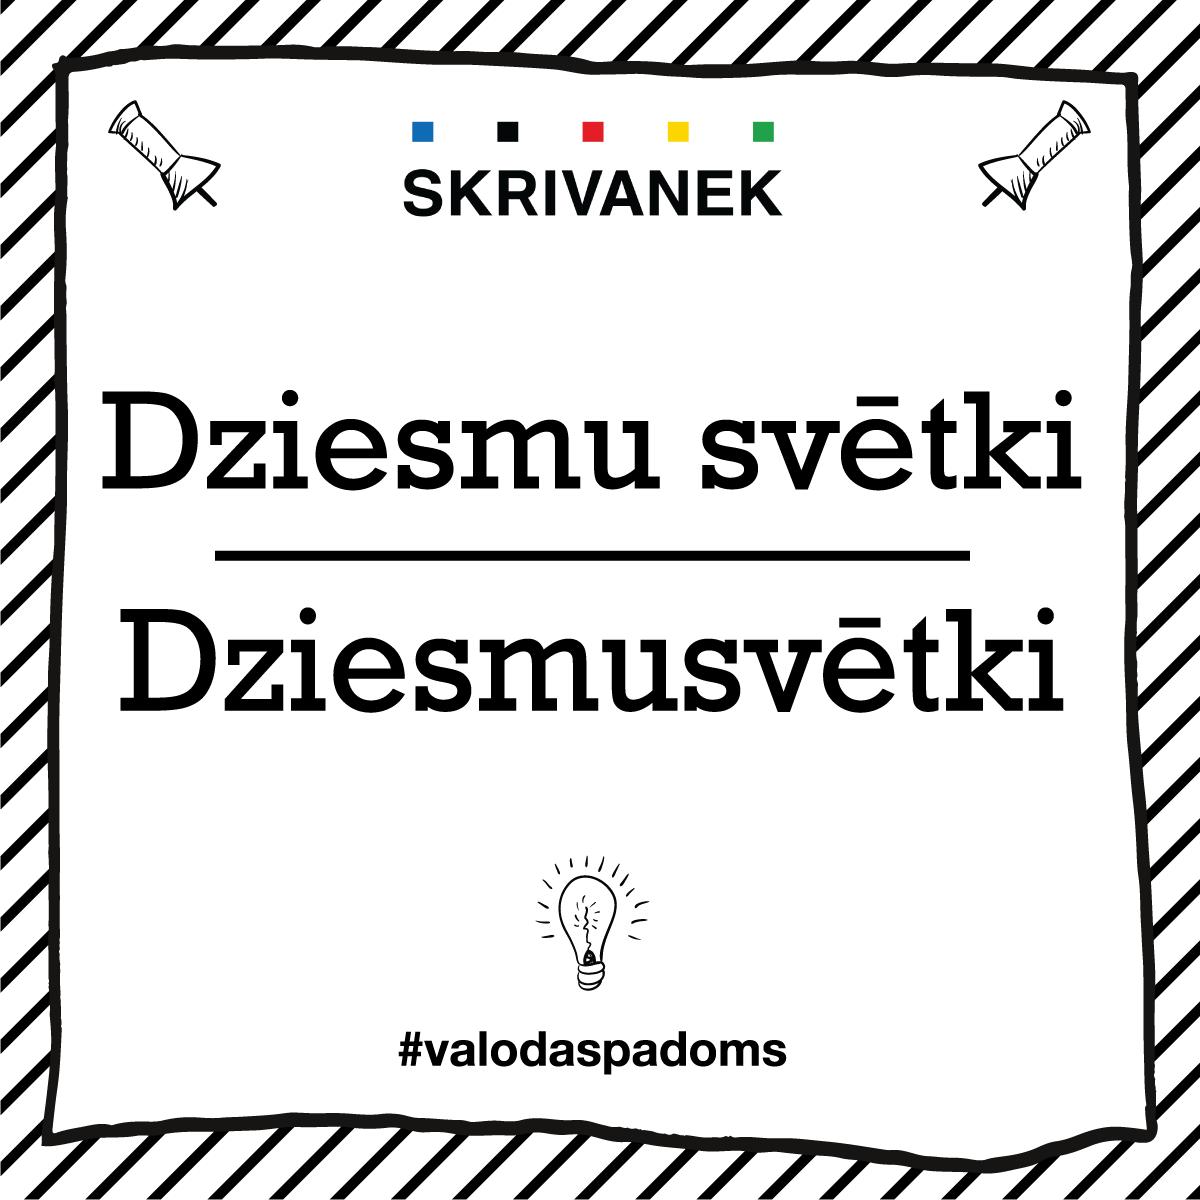 """Skrivanek Baltic valodas padoms """"Dziesmu svētki"""" pret """"Dziesmusvēki"""""""